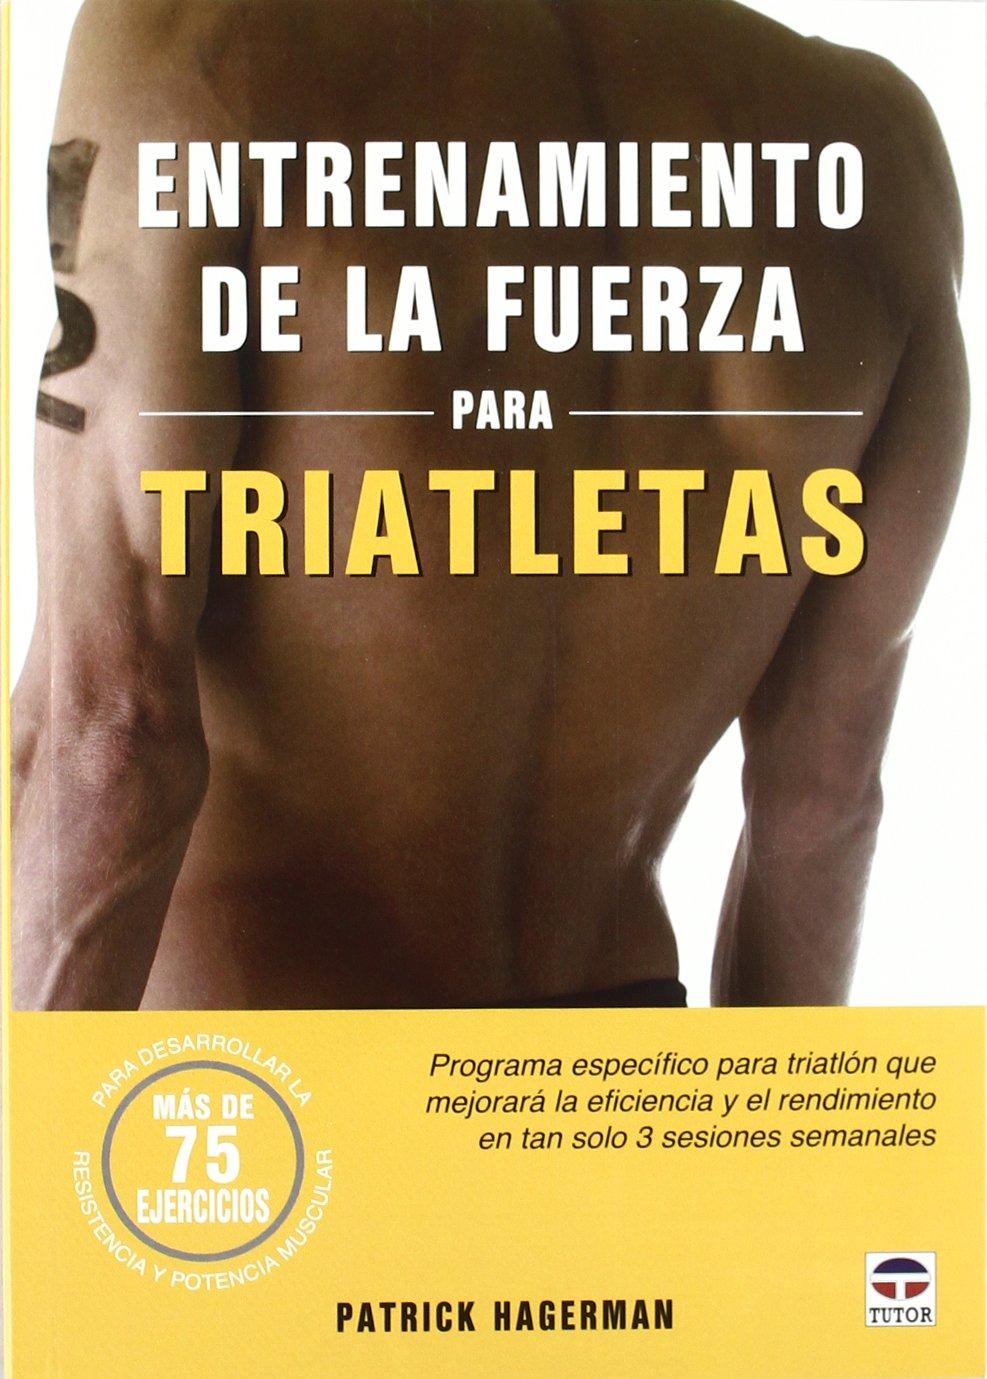 ENTRENAMIENTO DE LA FUERZA PARA TRIATLETAS